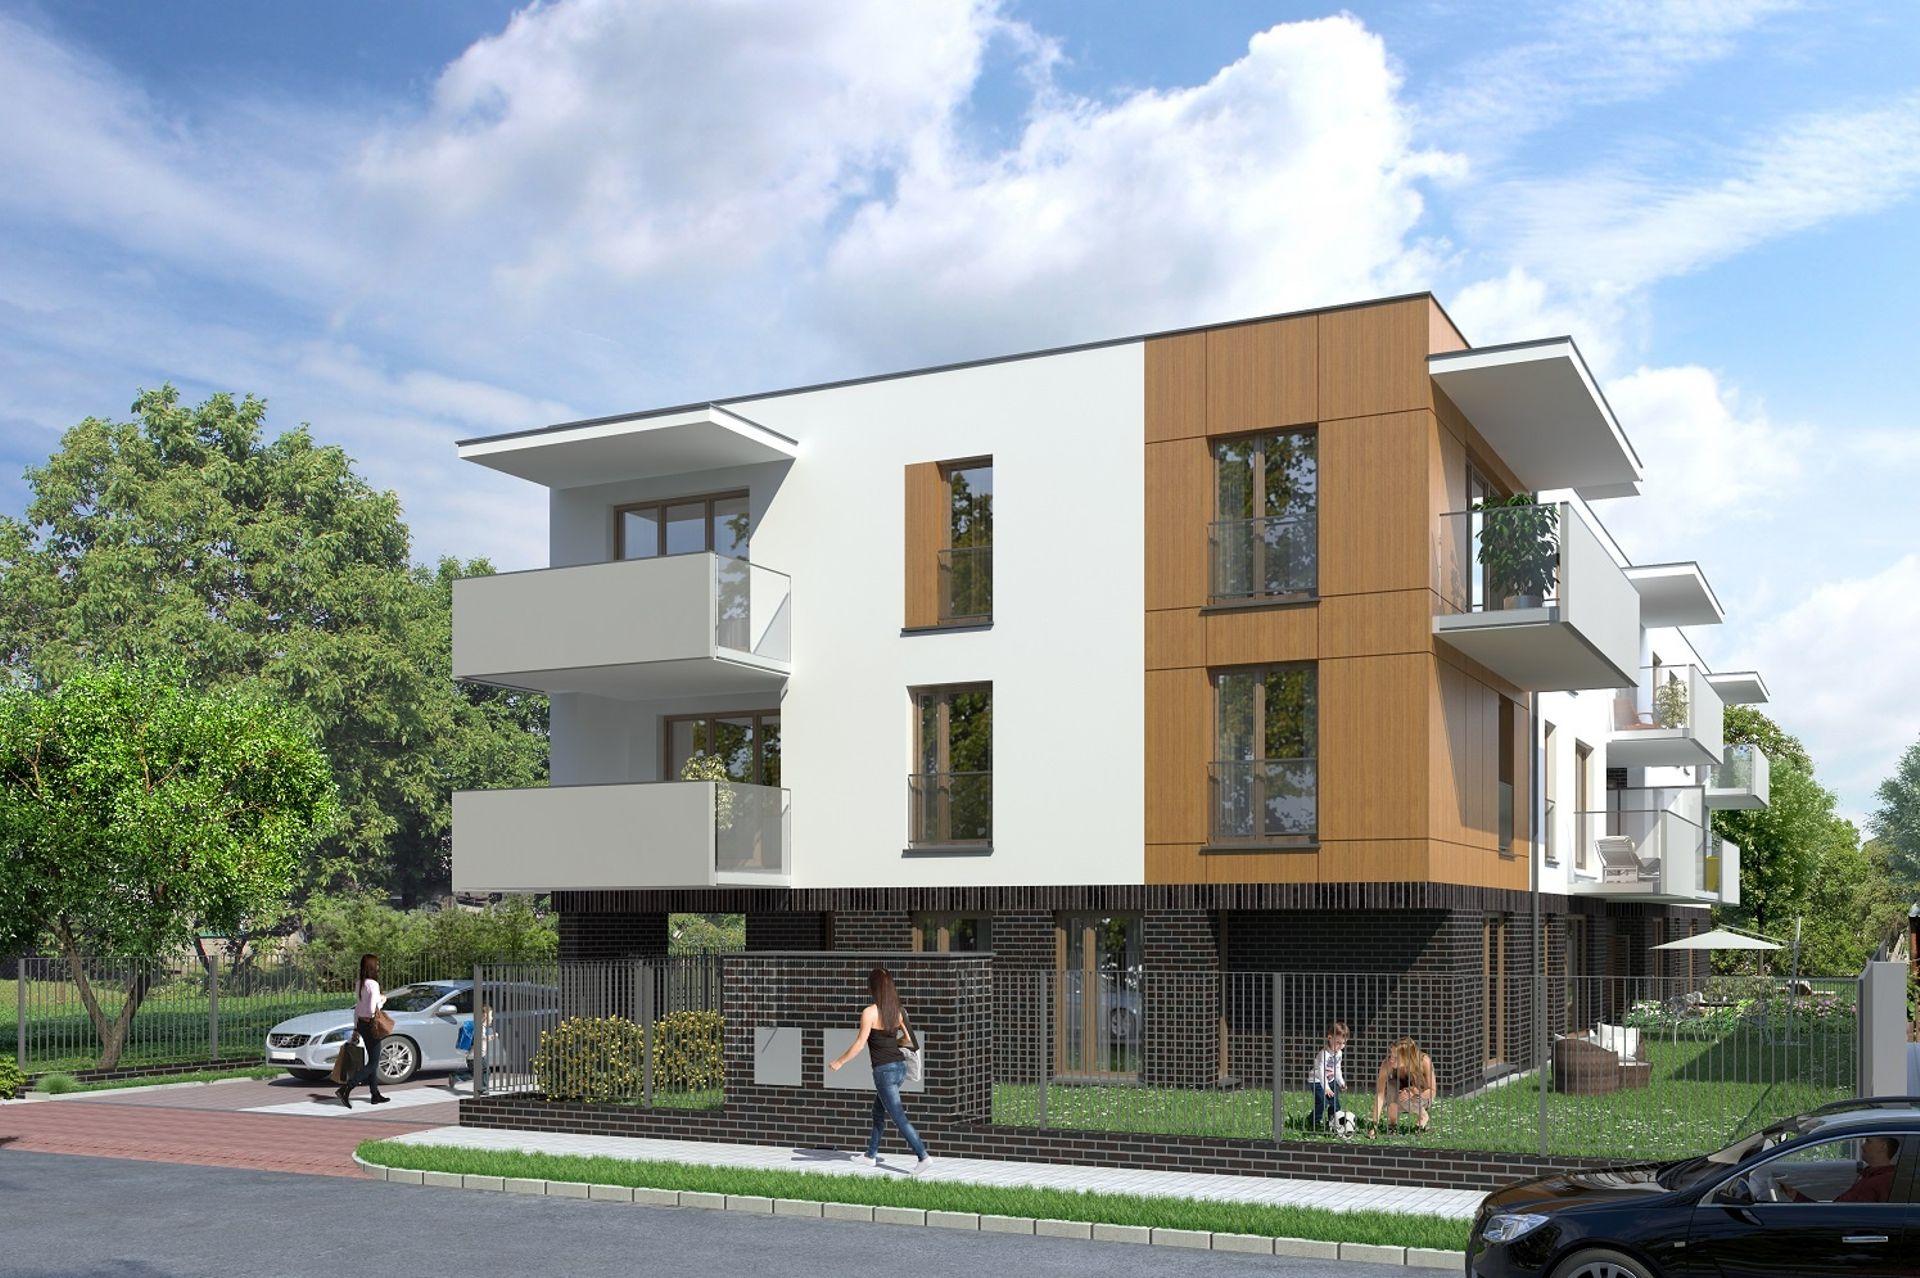 Warszawa: Naukowa 16 – Structur Concept stawia budynek mieszkalny w Starych Włochach [WIZUALIZACJA]